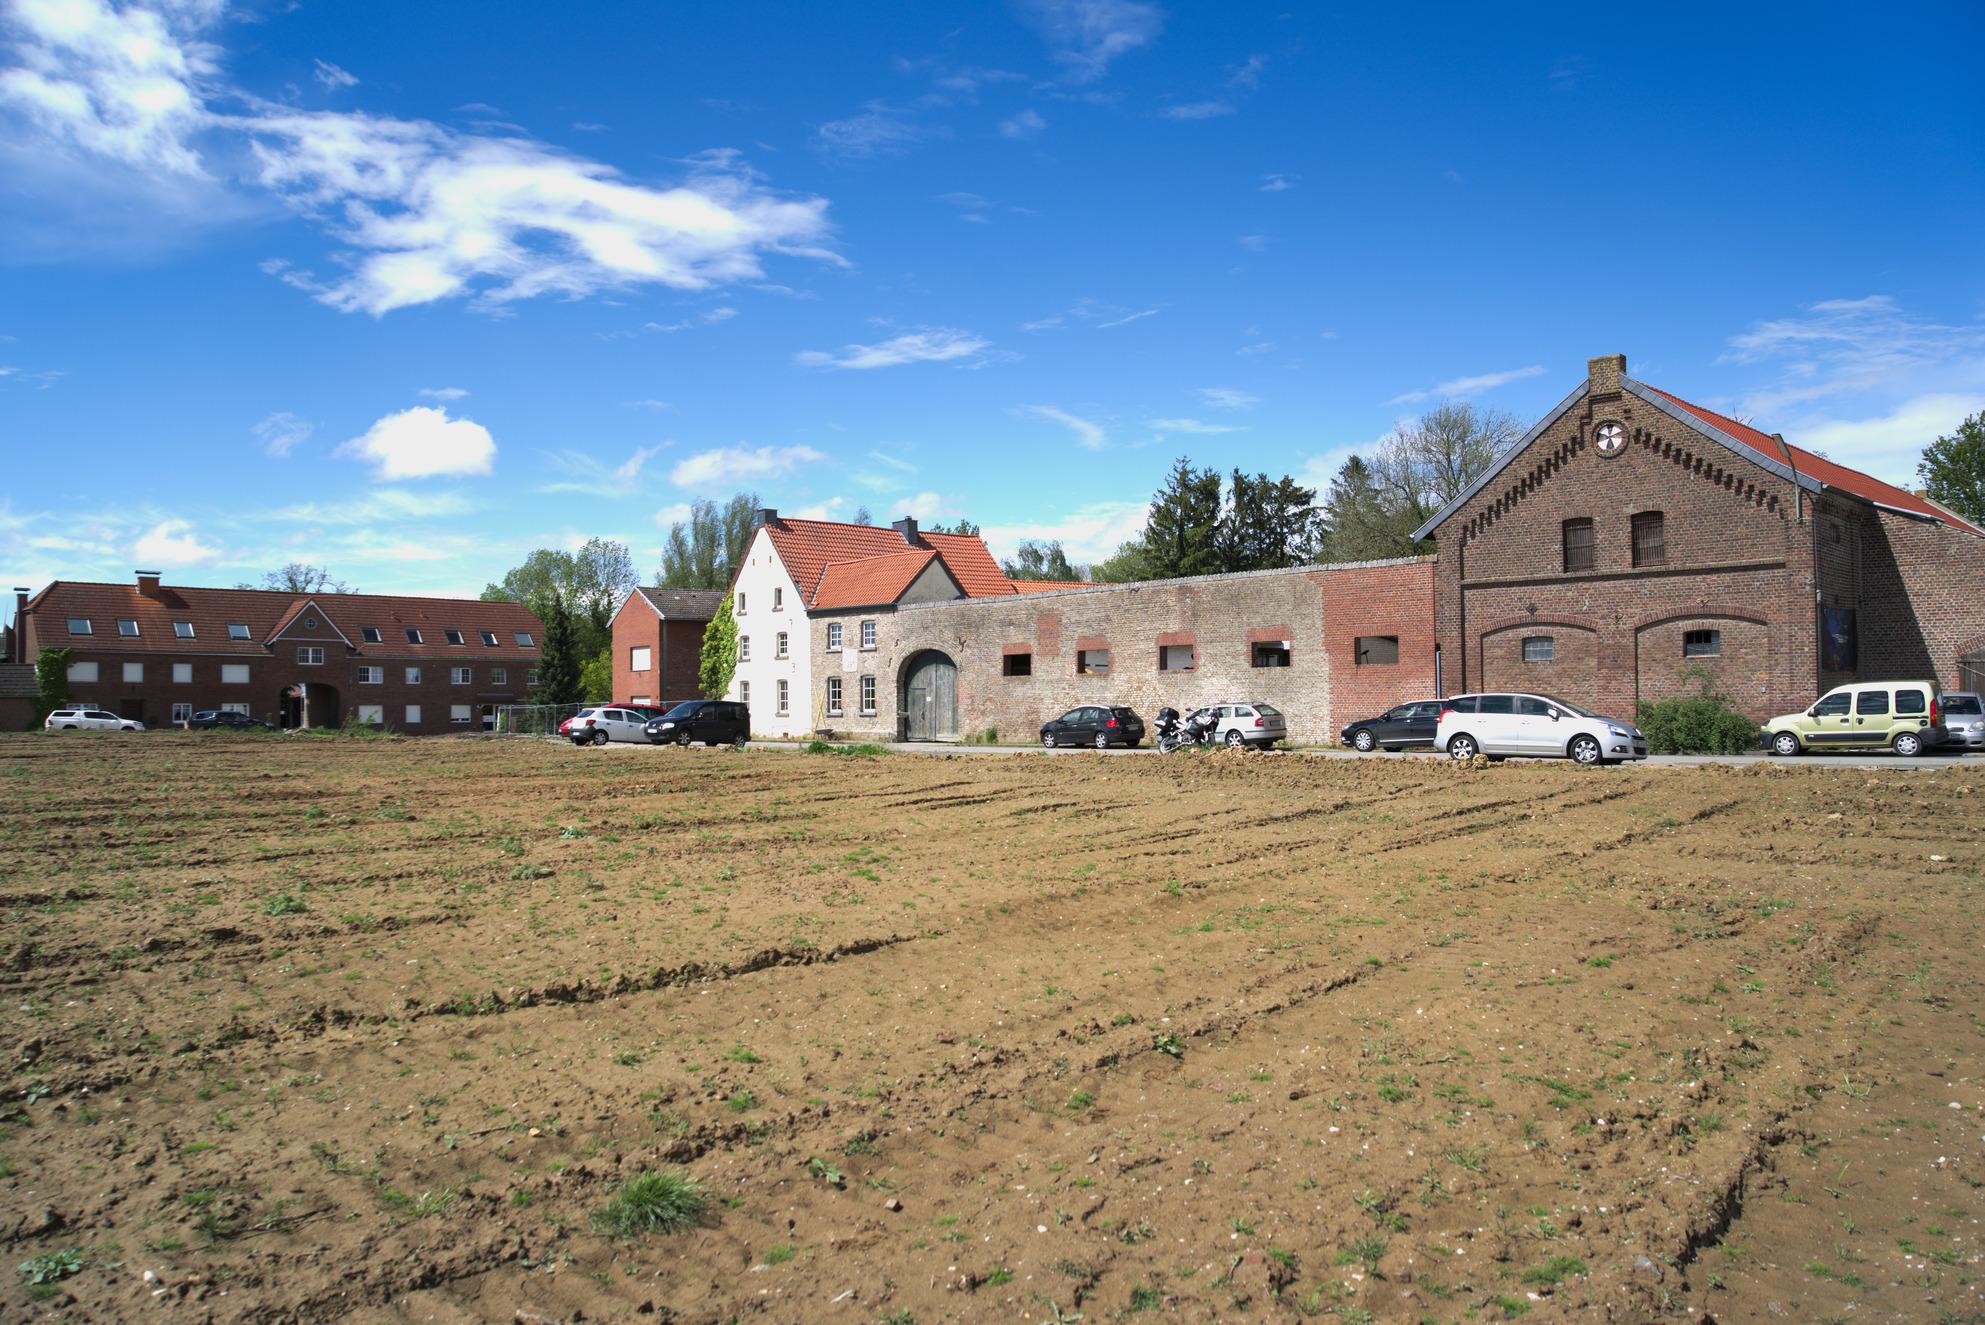 Denkmalgeschützter aber wegen Braunkohle enteignungs- und abrissbedrohter Hof in Lützerath.